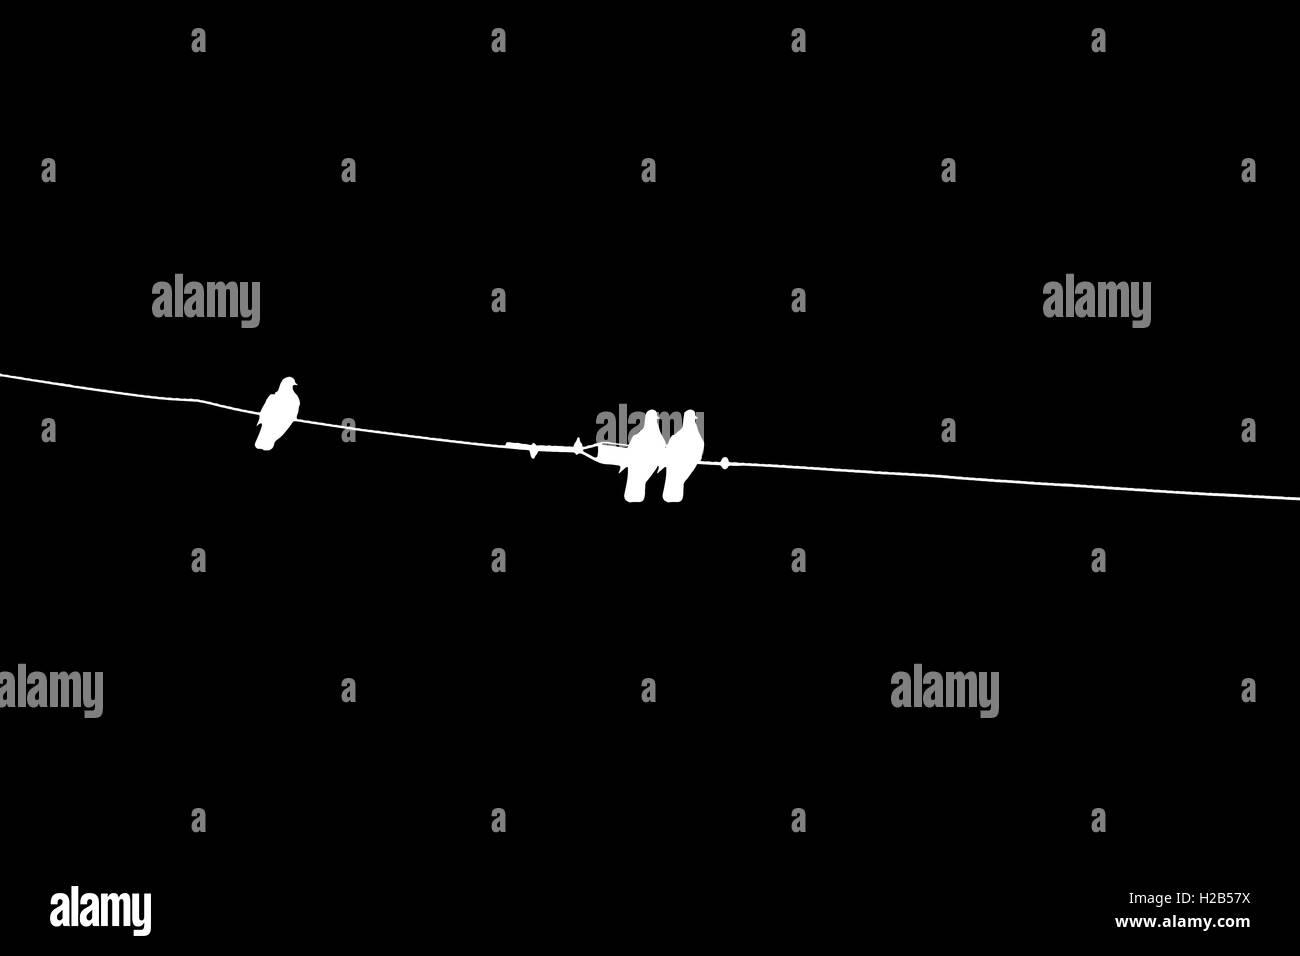 Dove, blanc, calme, isolé, vector, l'arrière-plan, colombes, volant, noir, Photo Stock